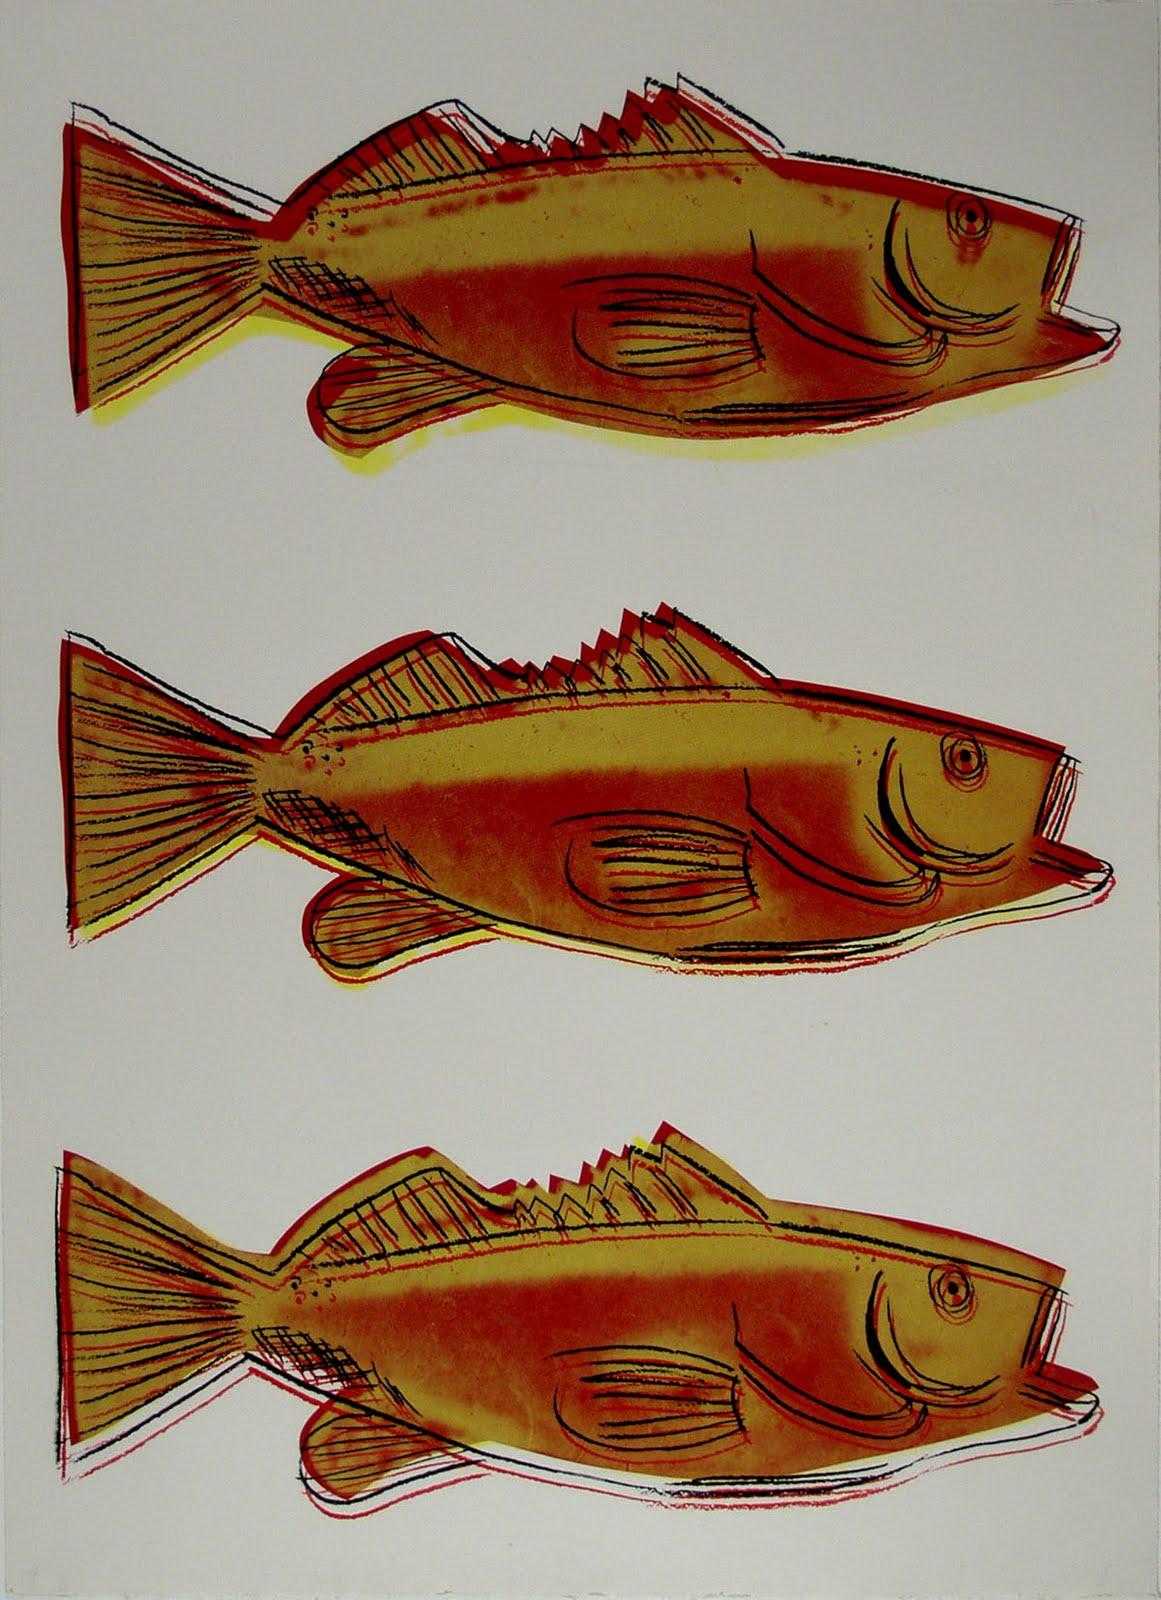 [Warhol+fish]